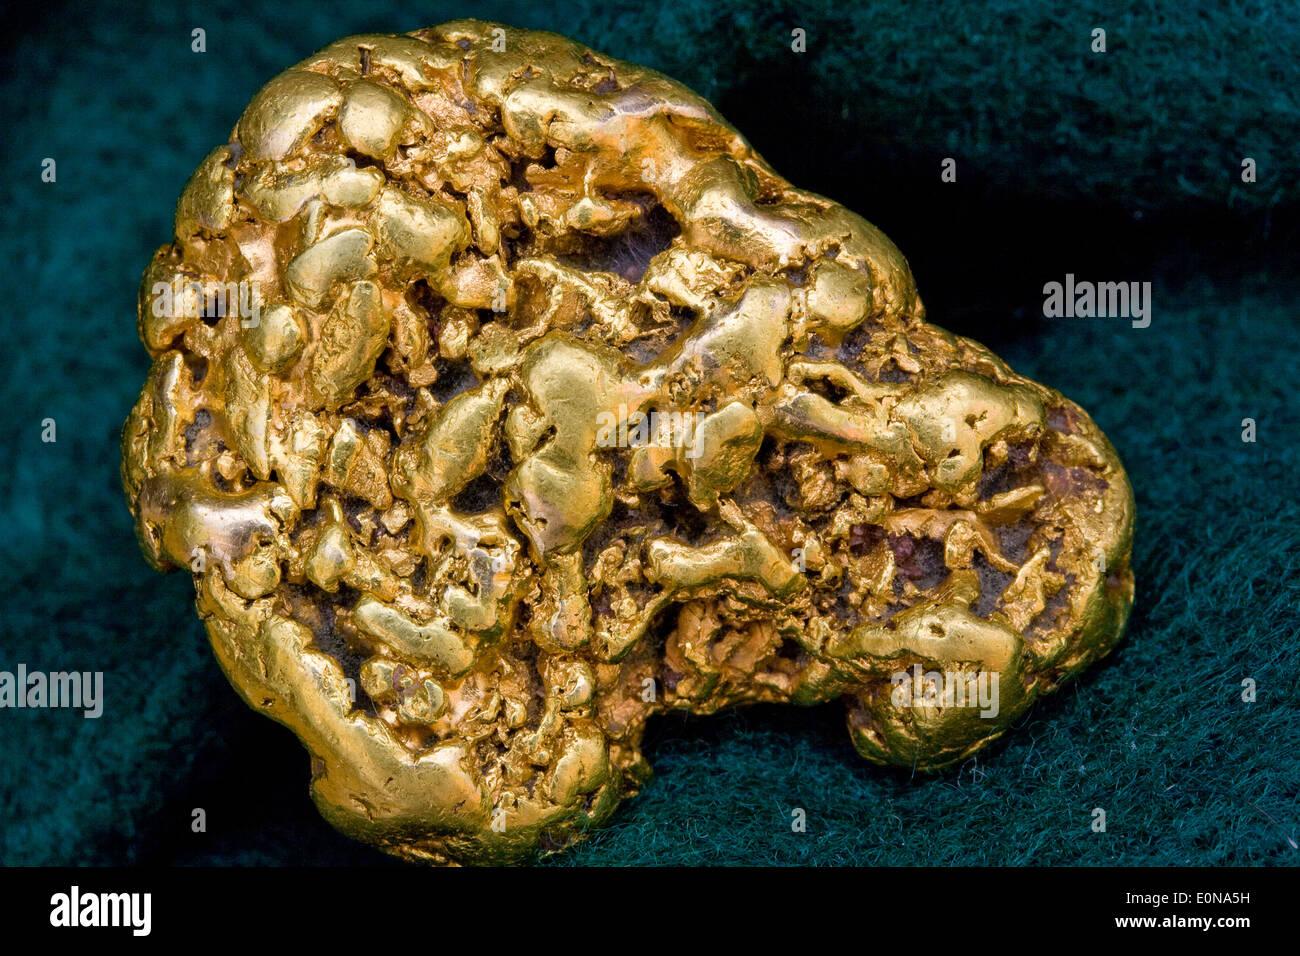 Eine Feinunze Kalifornien (USA) Placer Gold-Nugget - natürliche Gold Probe Stockbild